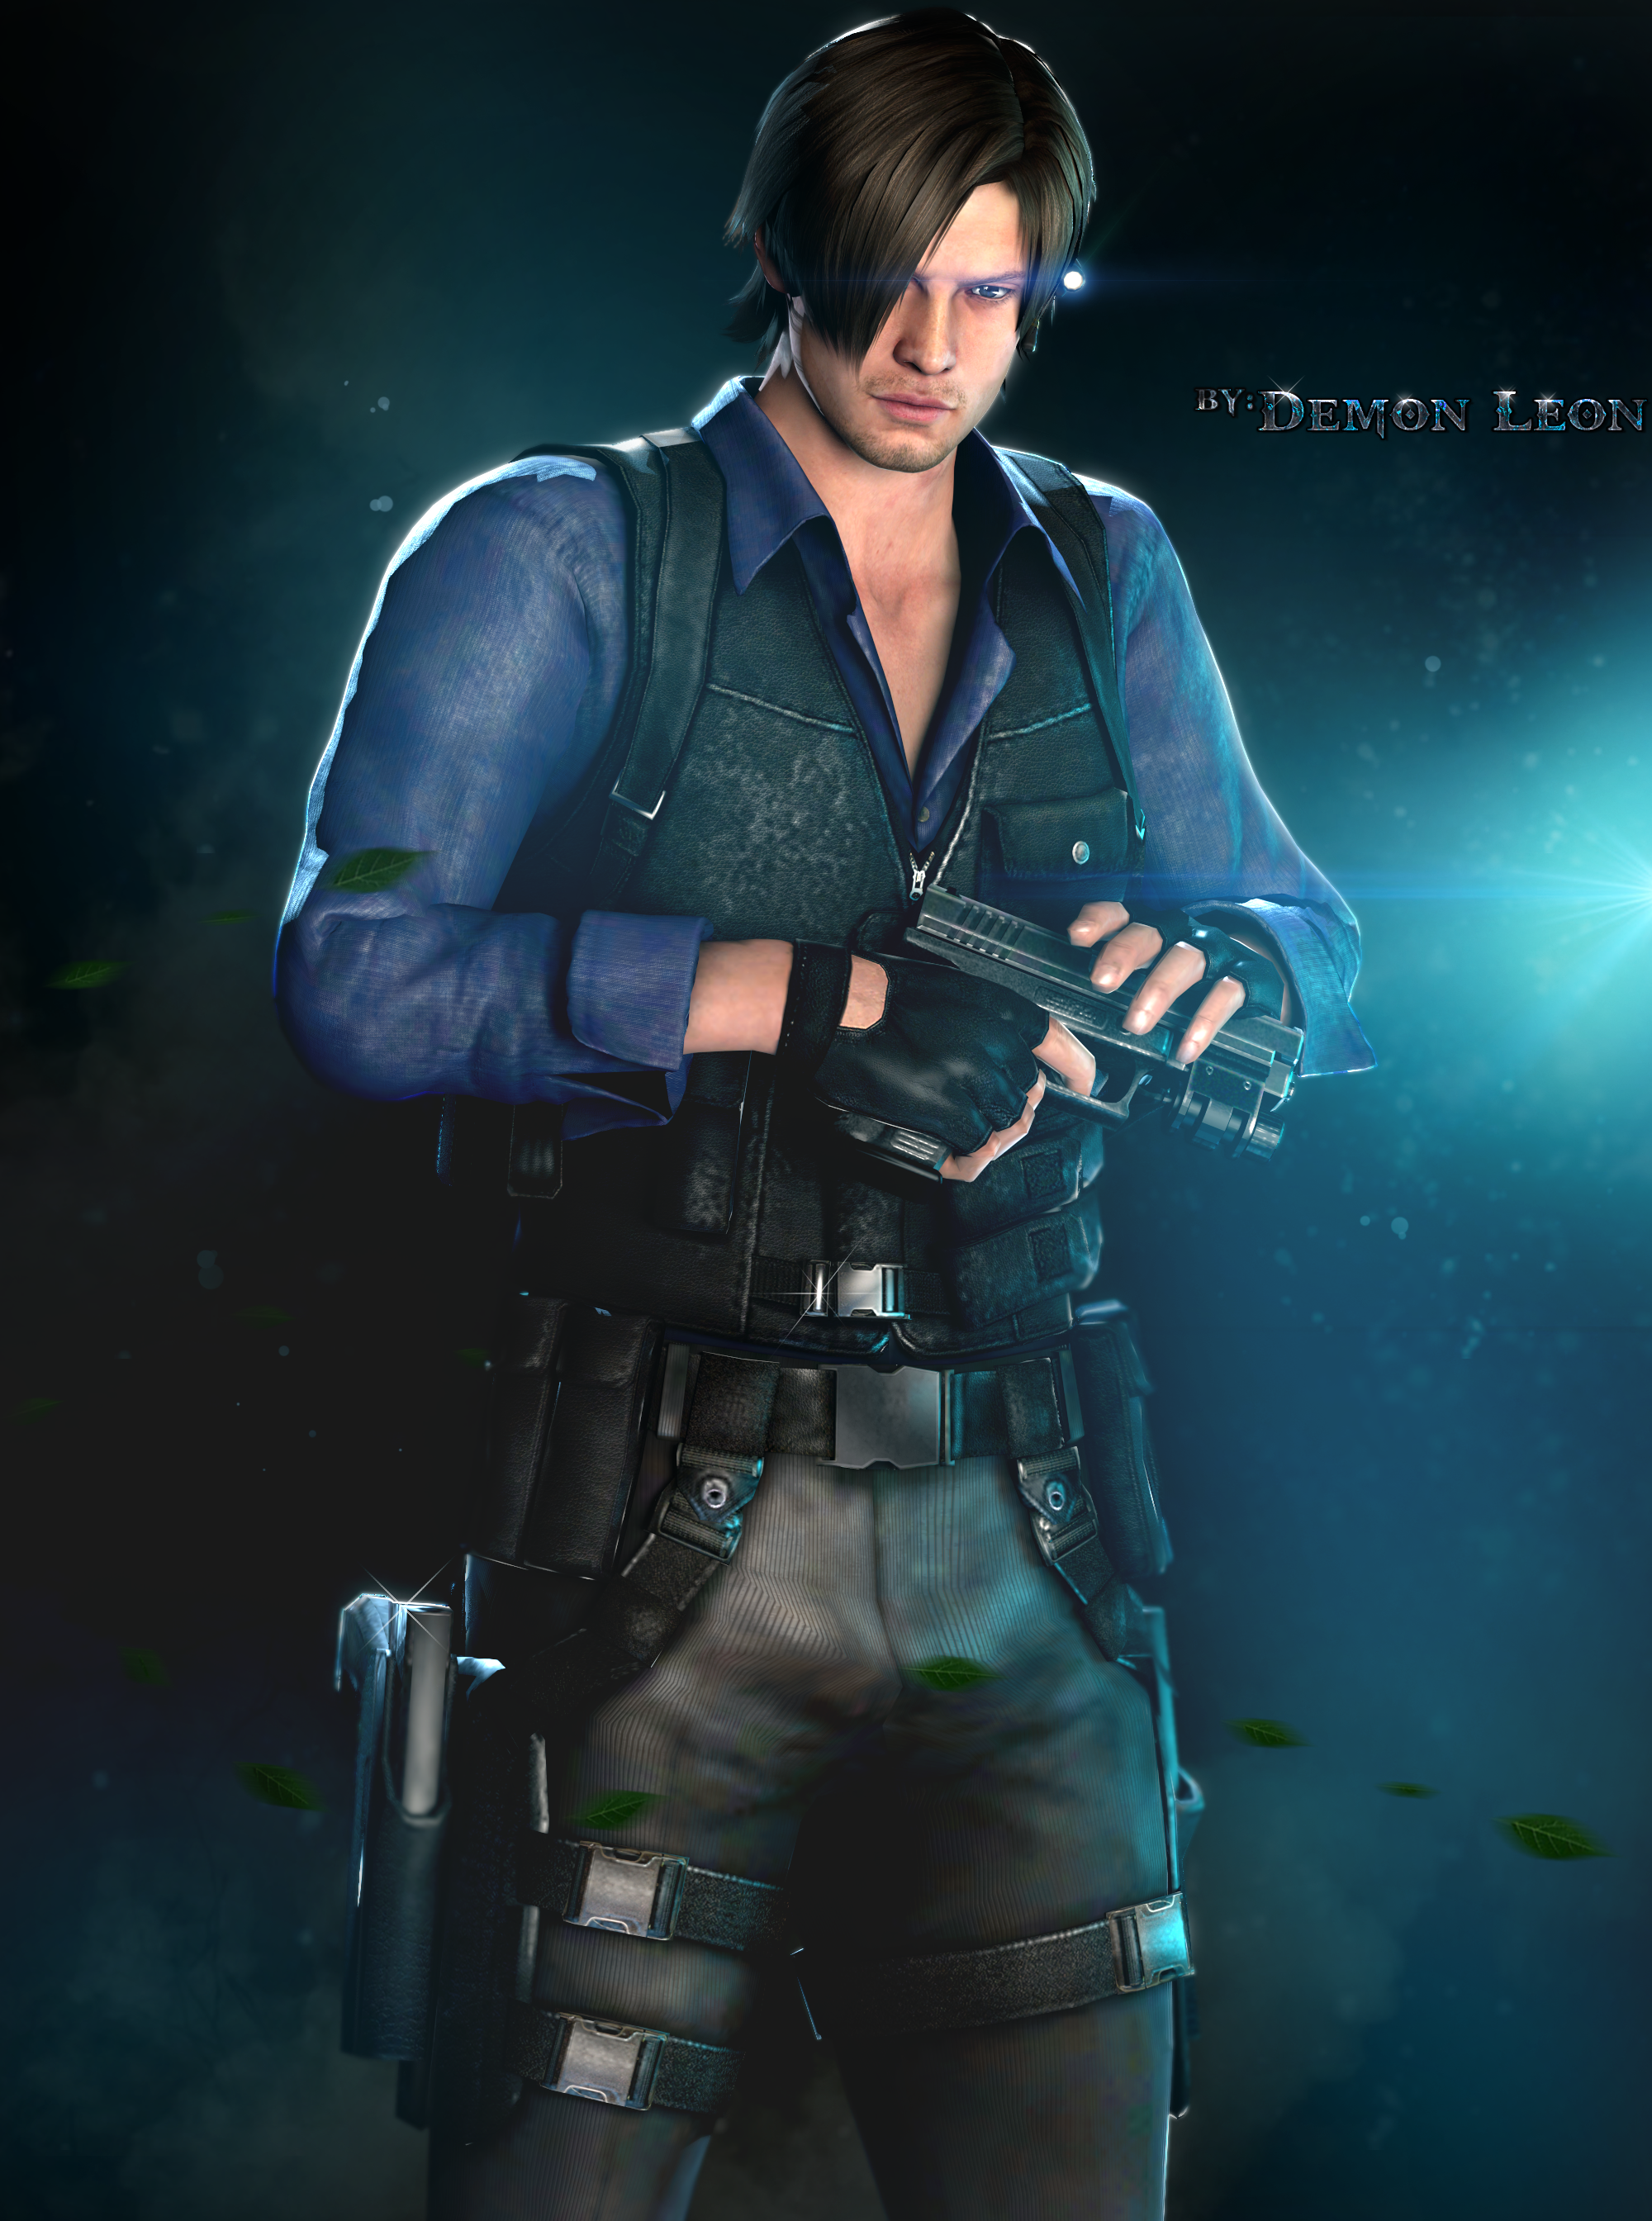 Resident Evil 4 Game Resident Evil Leon Leon S Kennedy Resident Evil